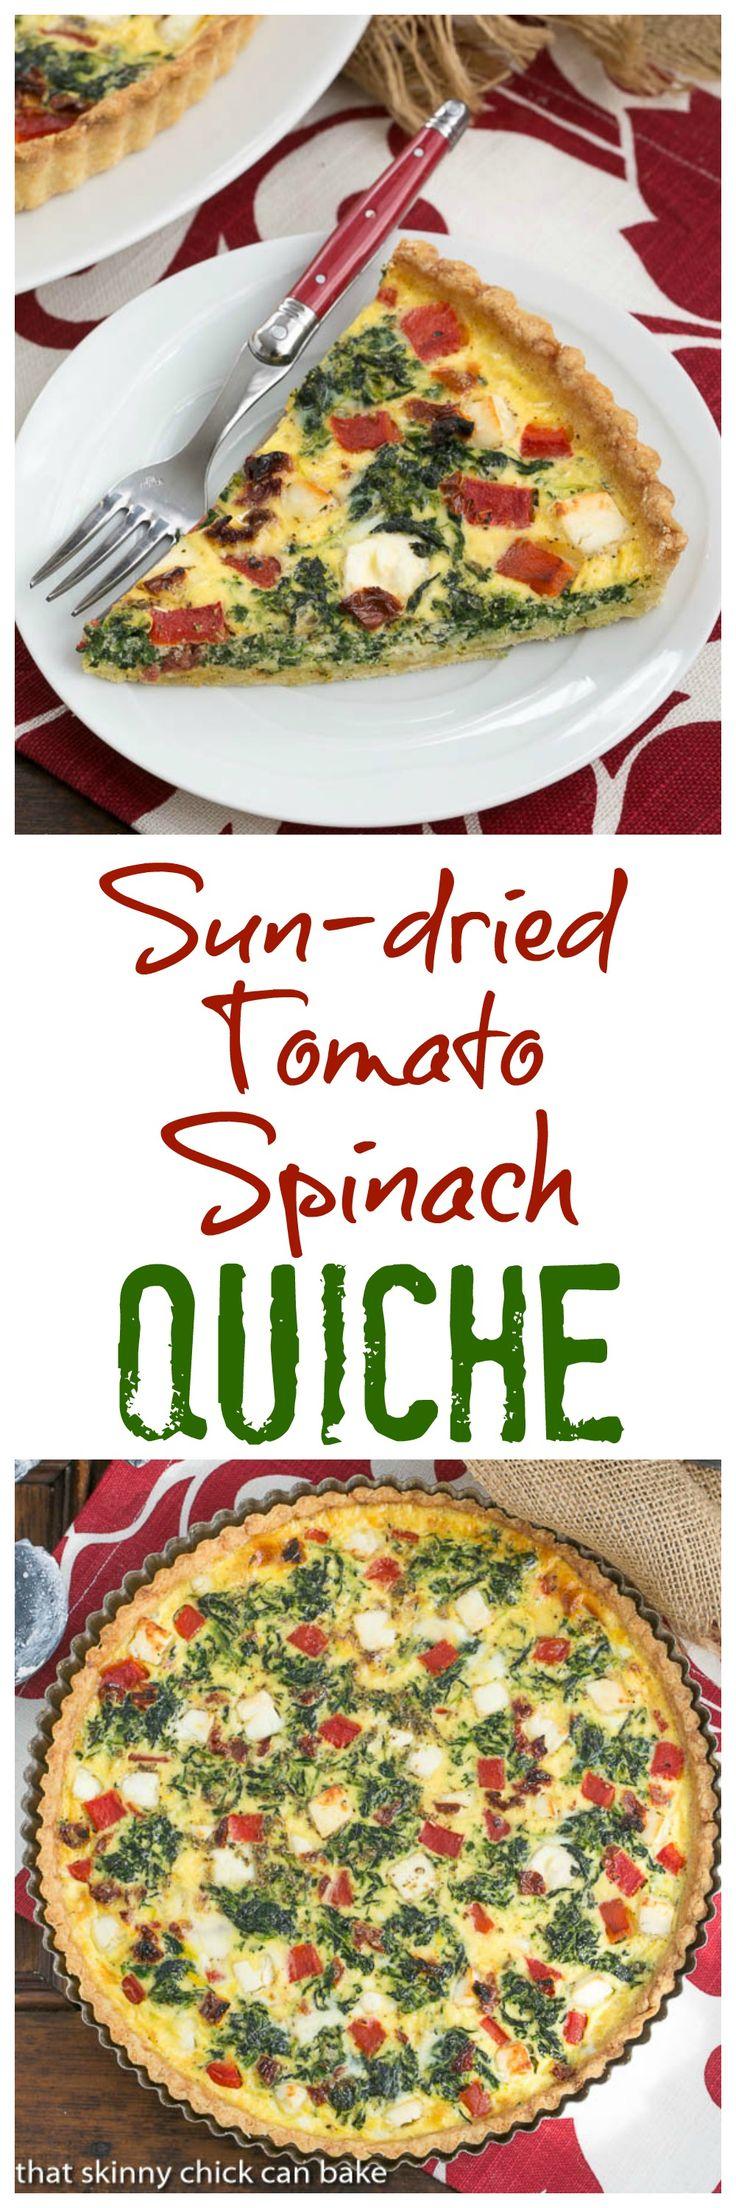 Sun-dried Tomato and Spinach Quiche | A memorable Mediterranean Quiche @lizzydo